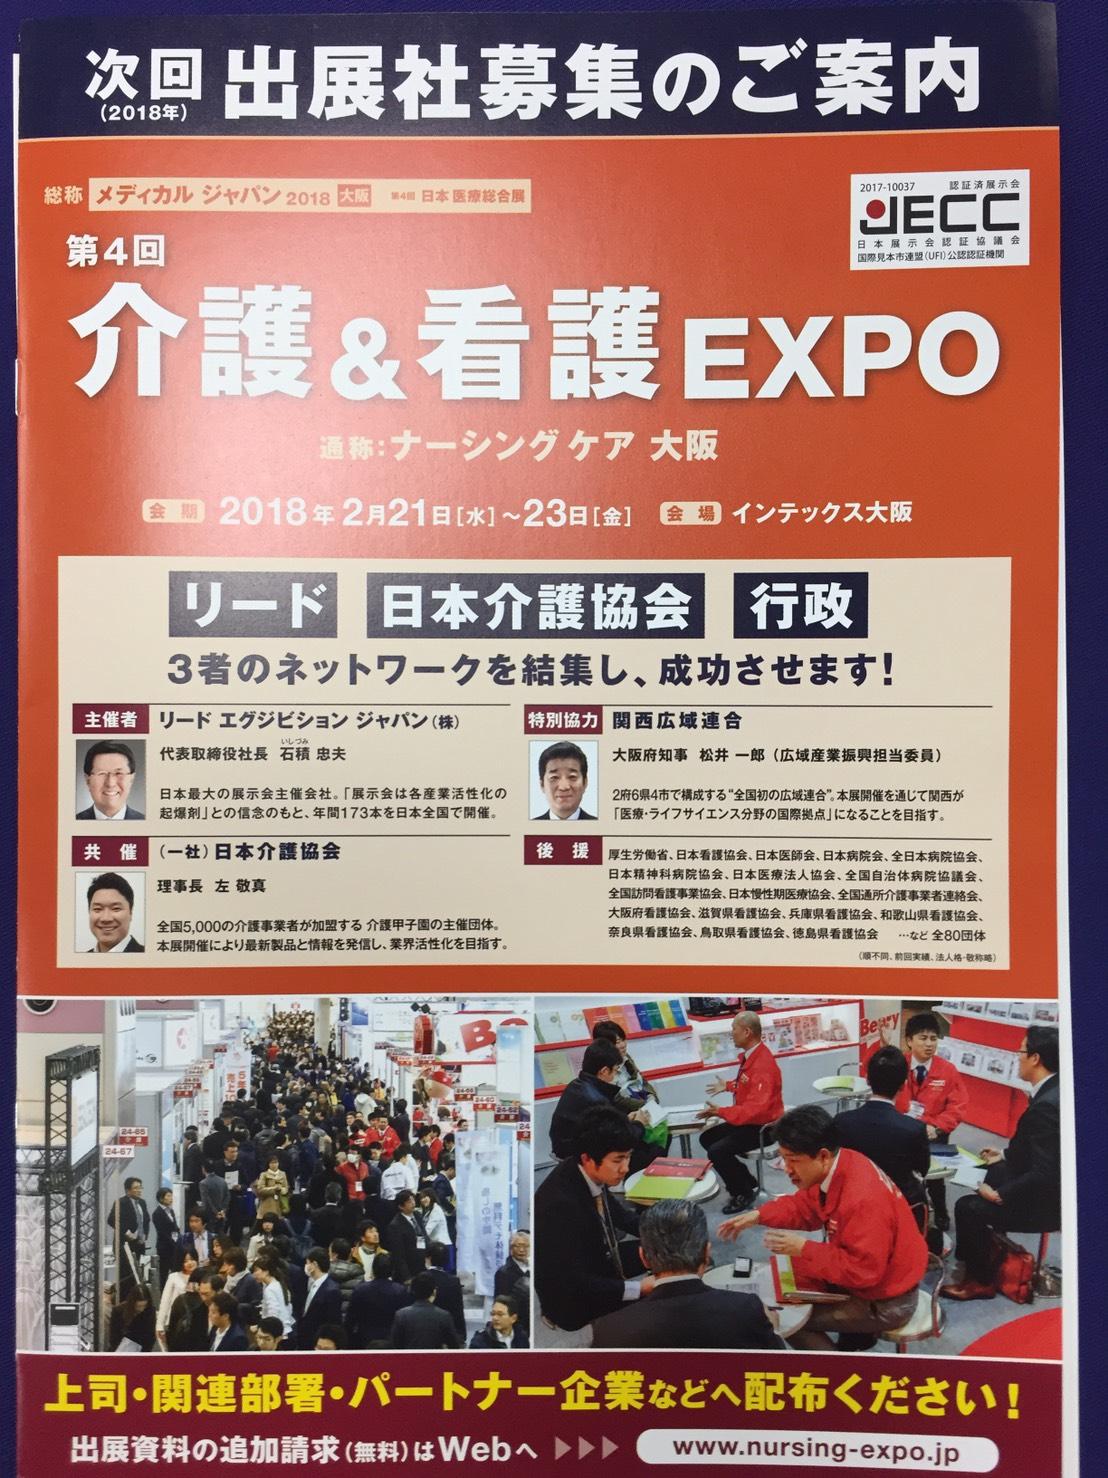 第4回 介護&看護EXPO(通称:ナーシングケア 大阪)